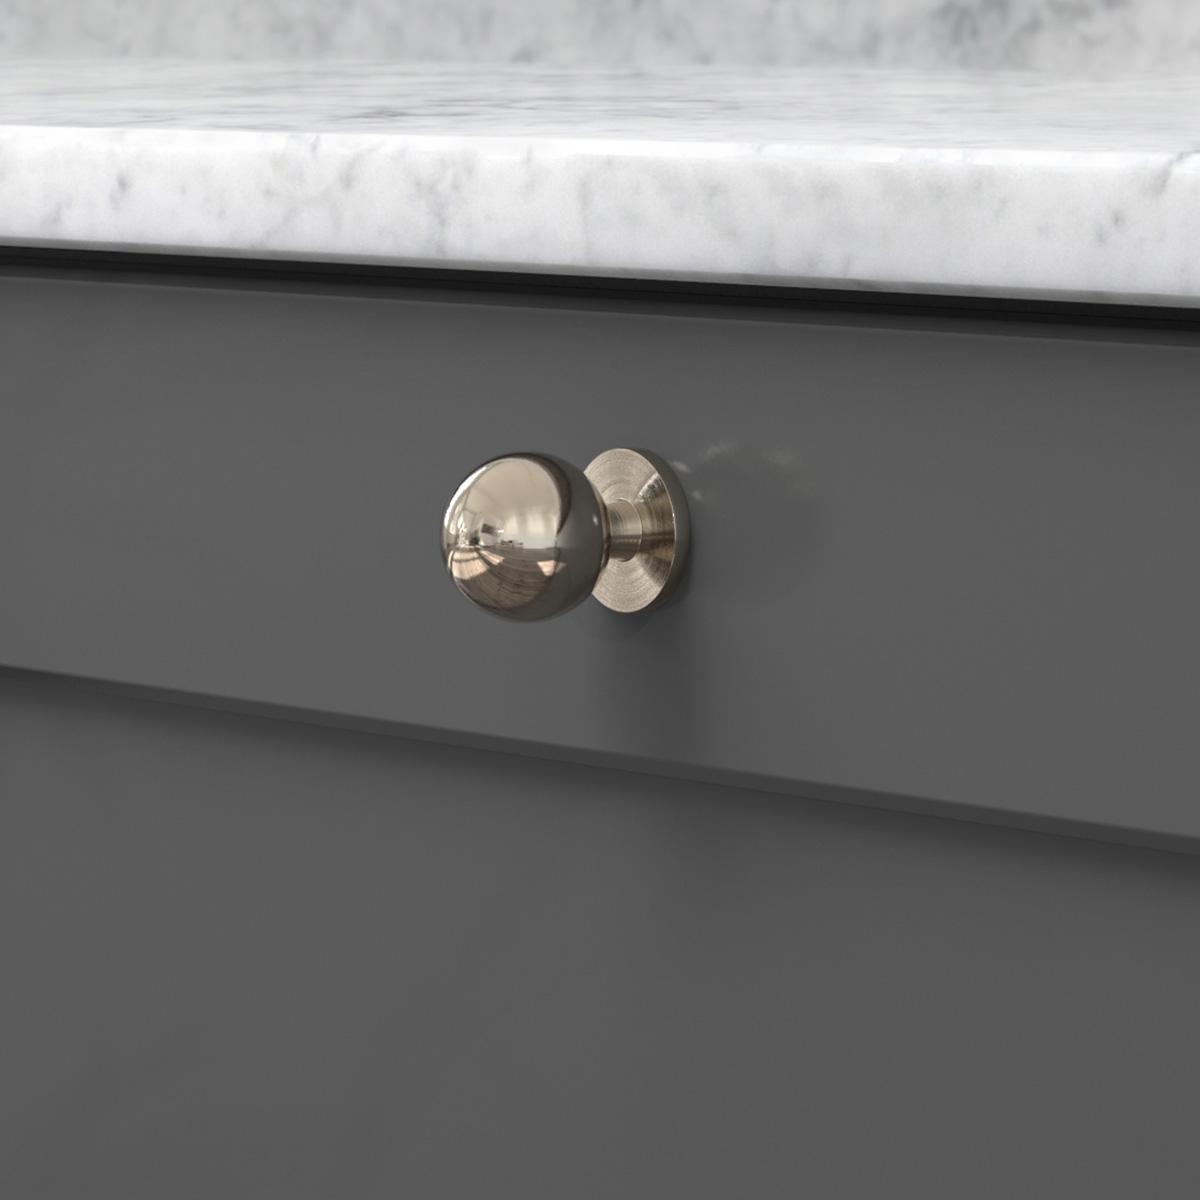 Knopp soliden förnicklad 339430 11 25 mm ncs s 7500 n marmor carrara